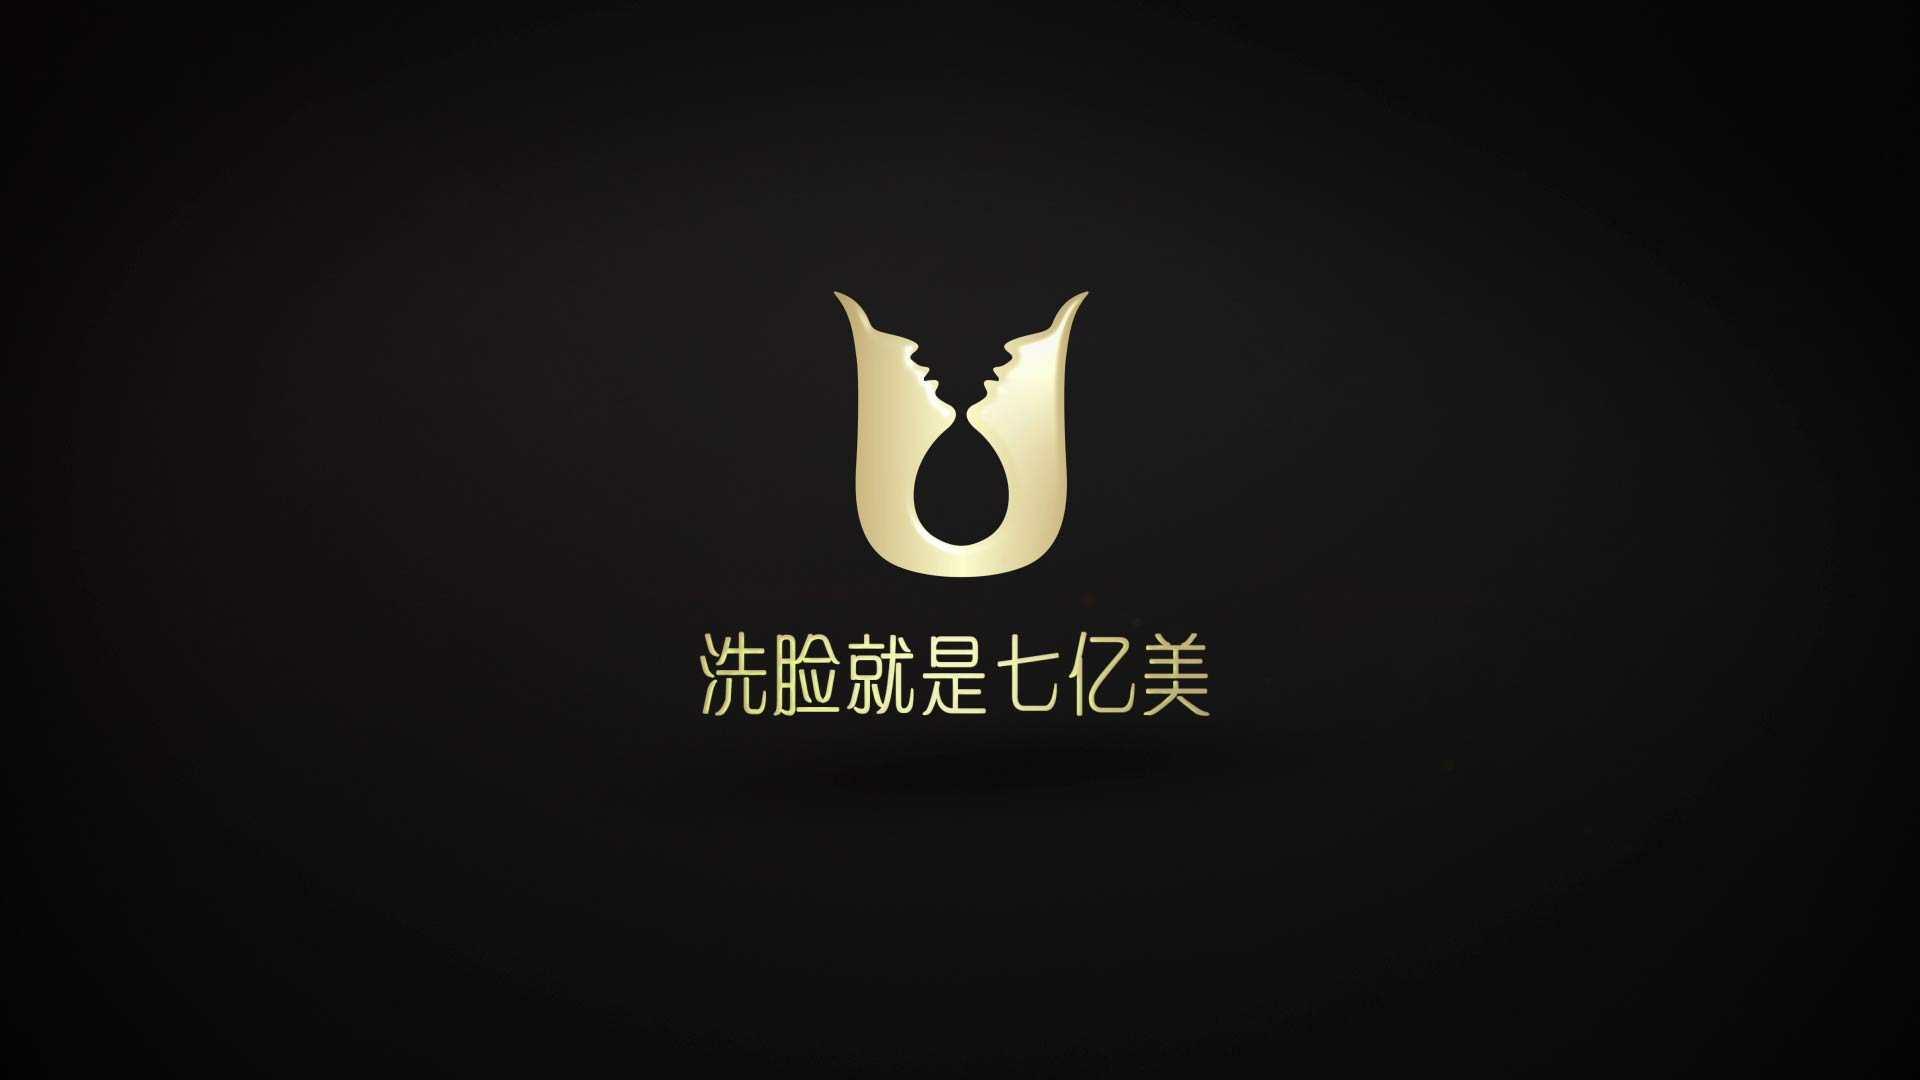 广州品牌宣传片制作公司,有没有费用明细?